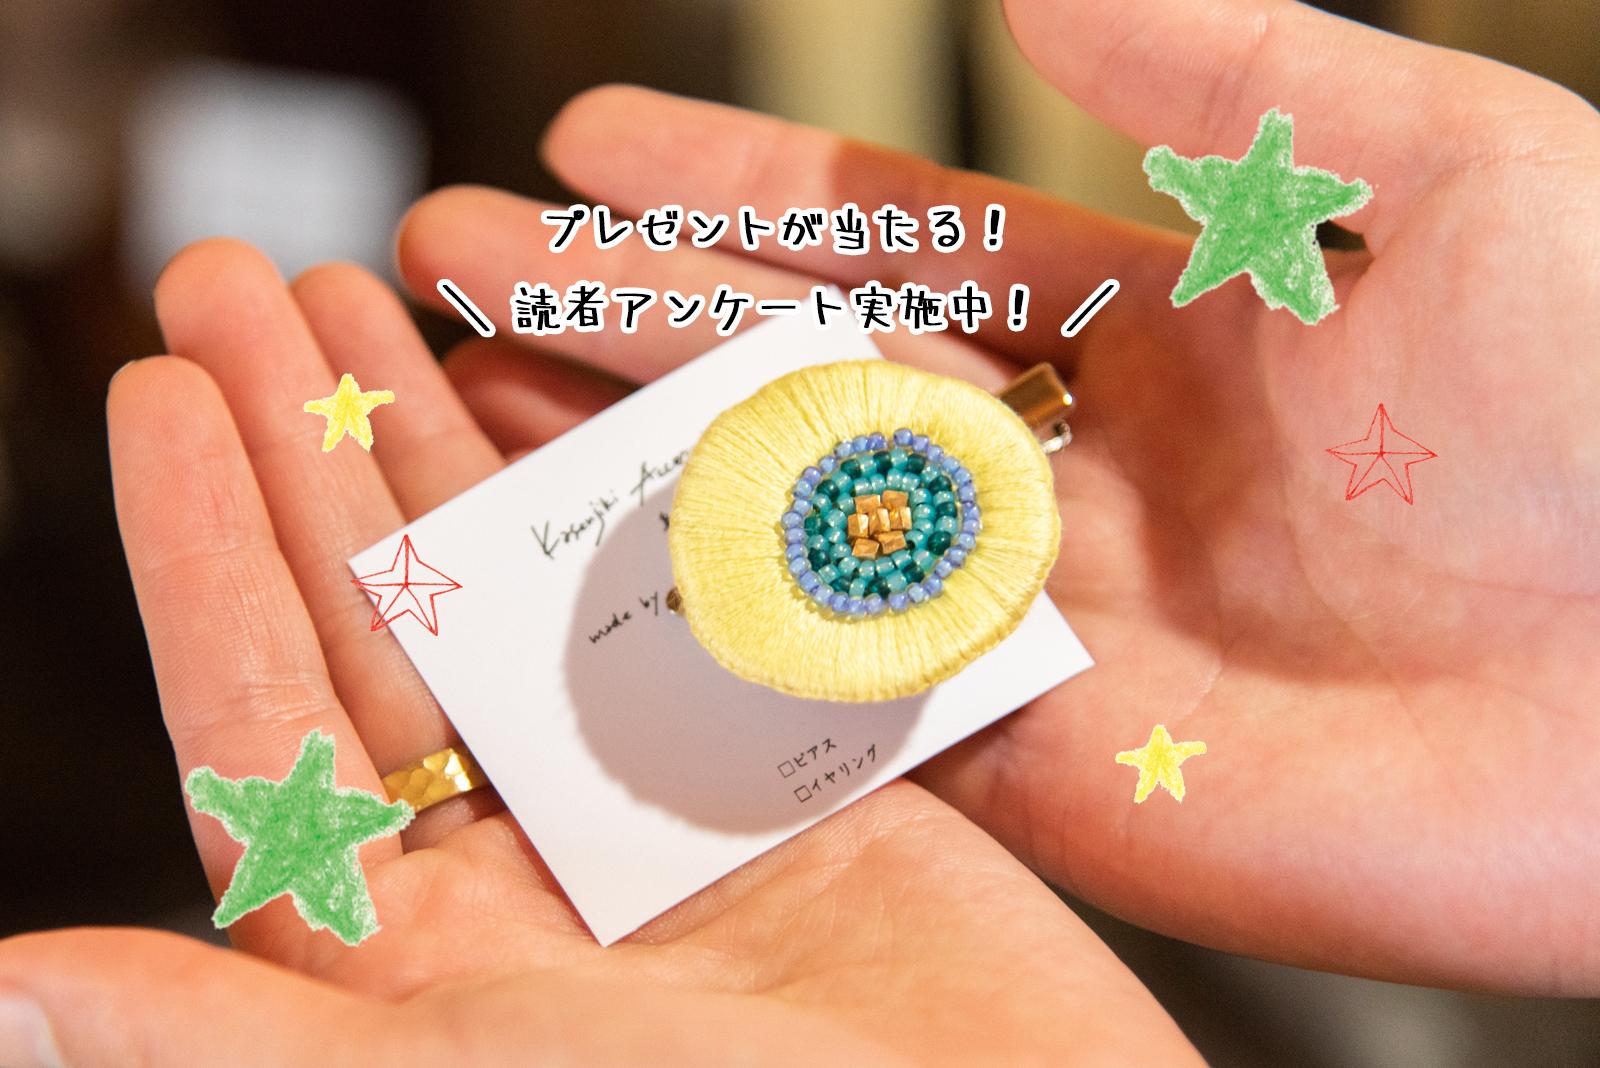 【抽選でプレゼントが当たる!】